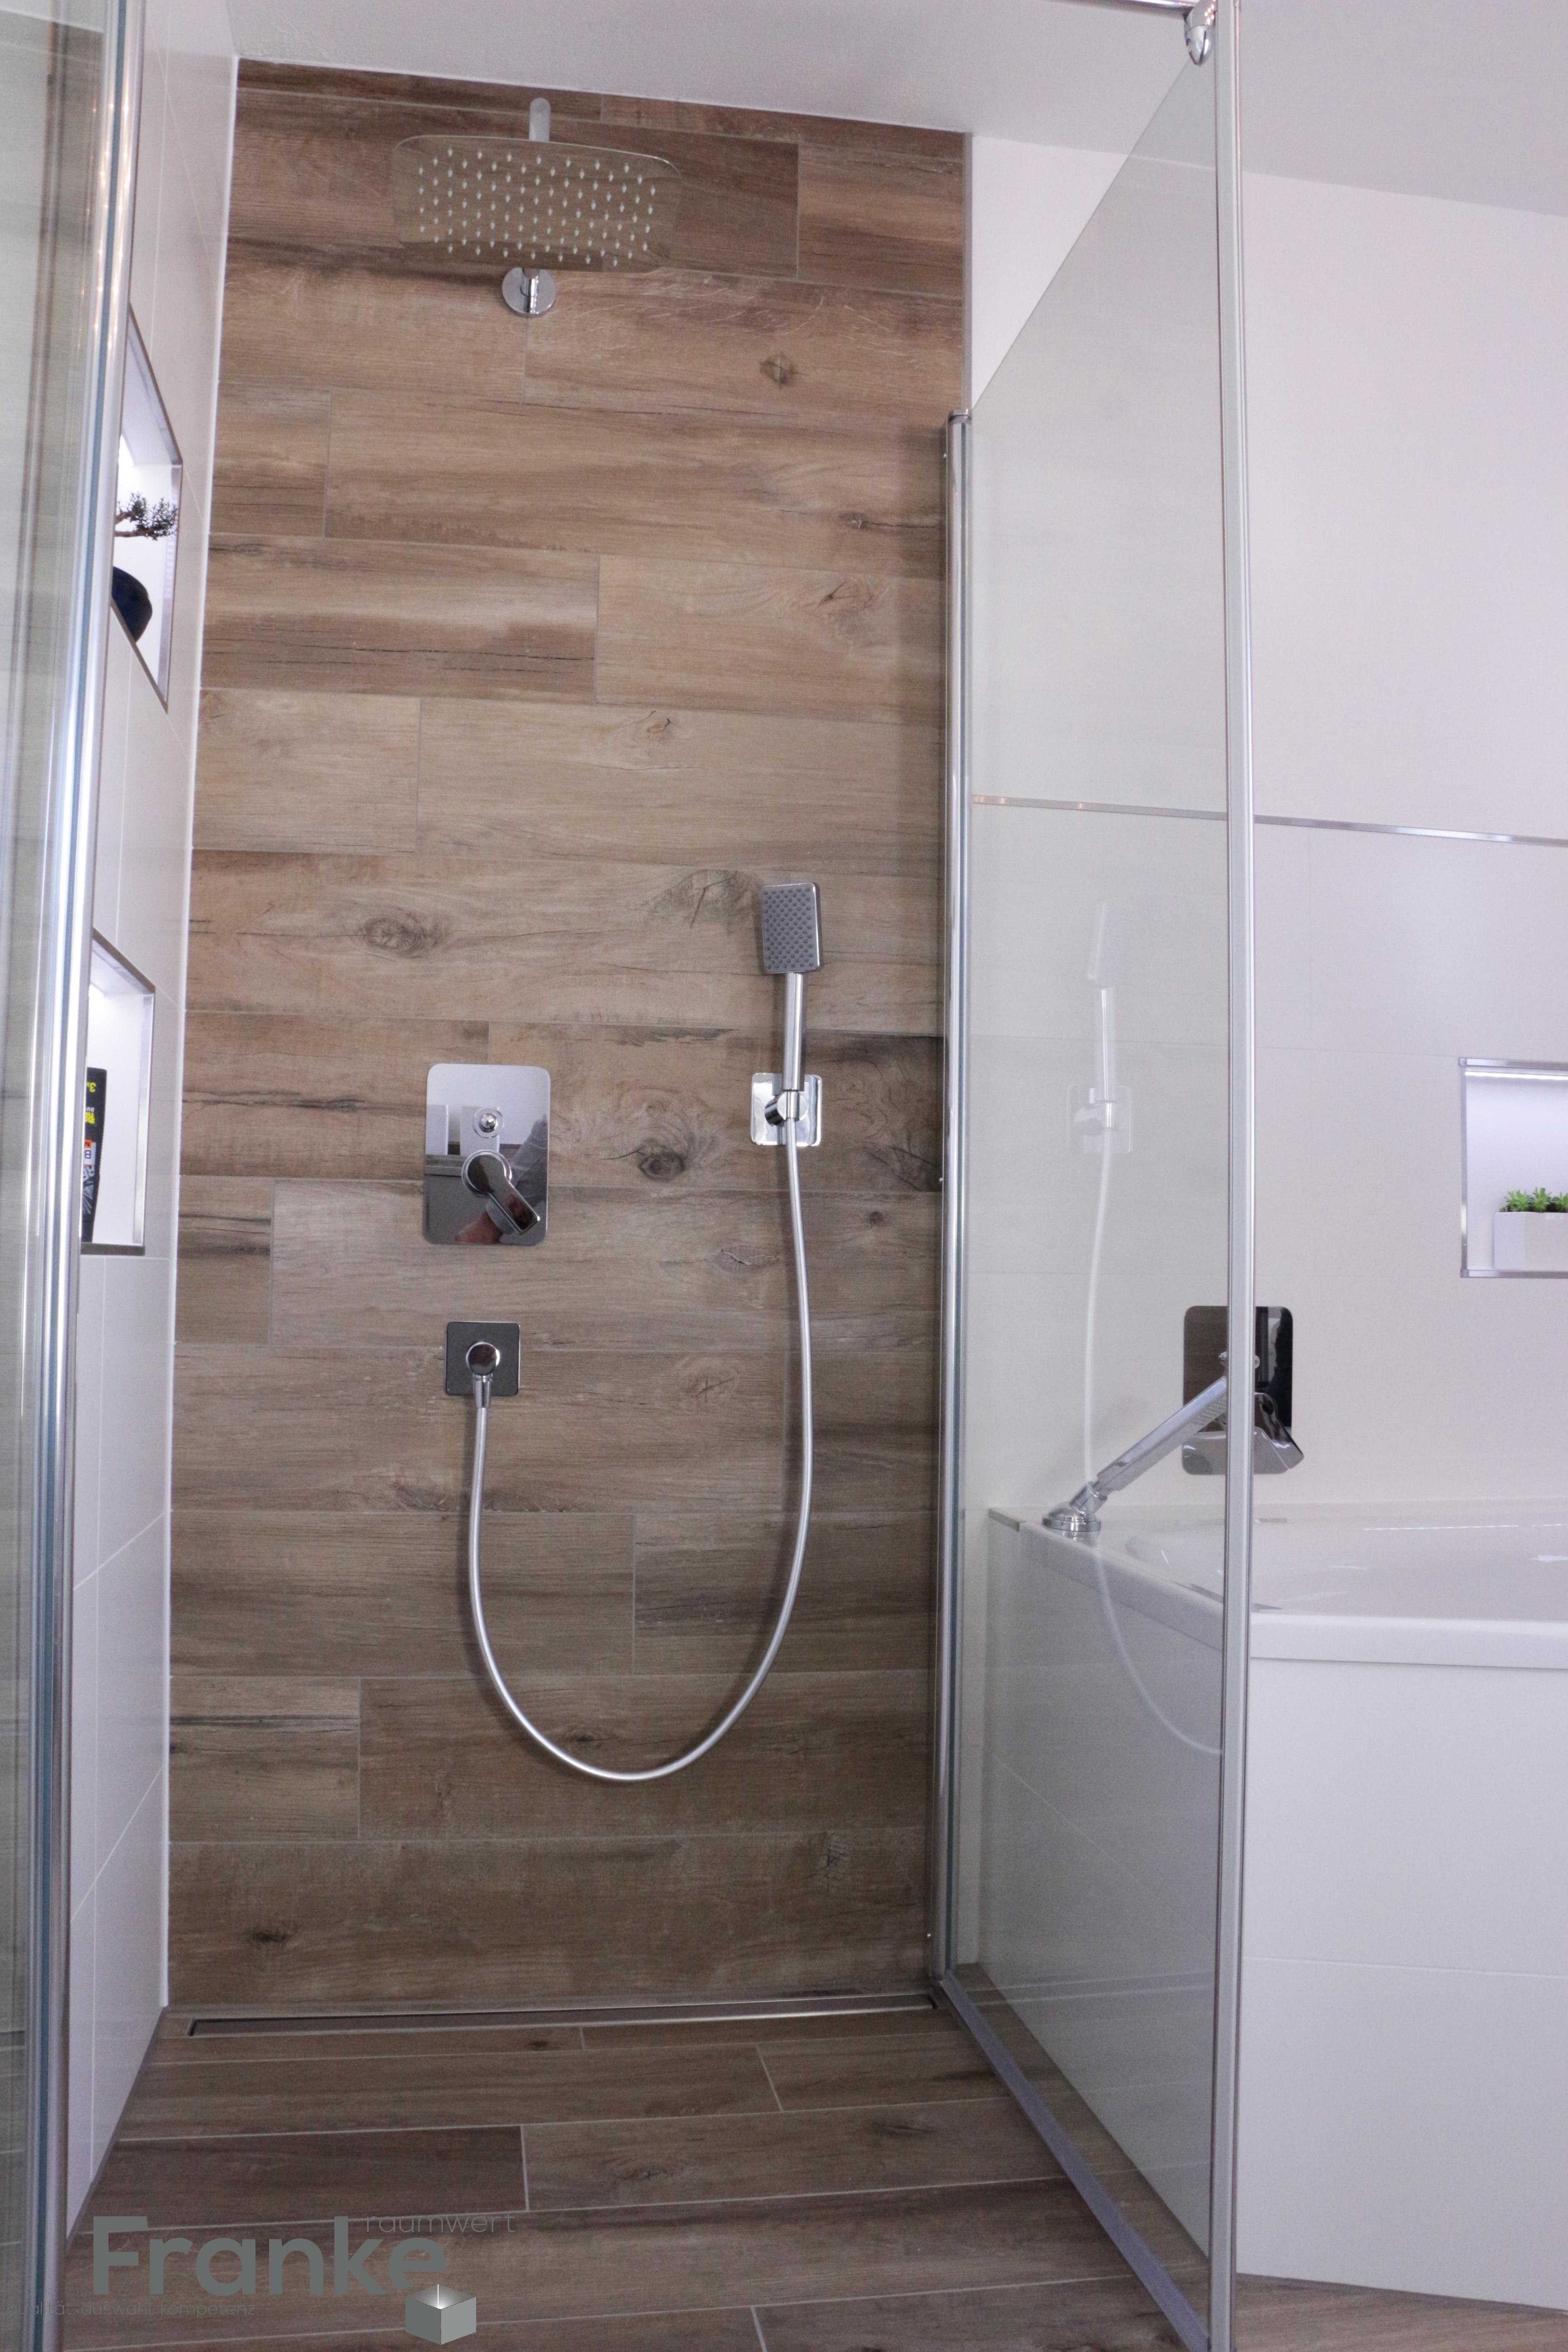 Bodenfliesen Bad Fliesen Ideen Badezimmer Badezimmer Rustikal